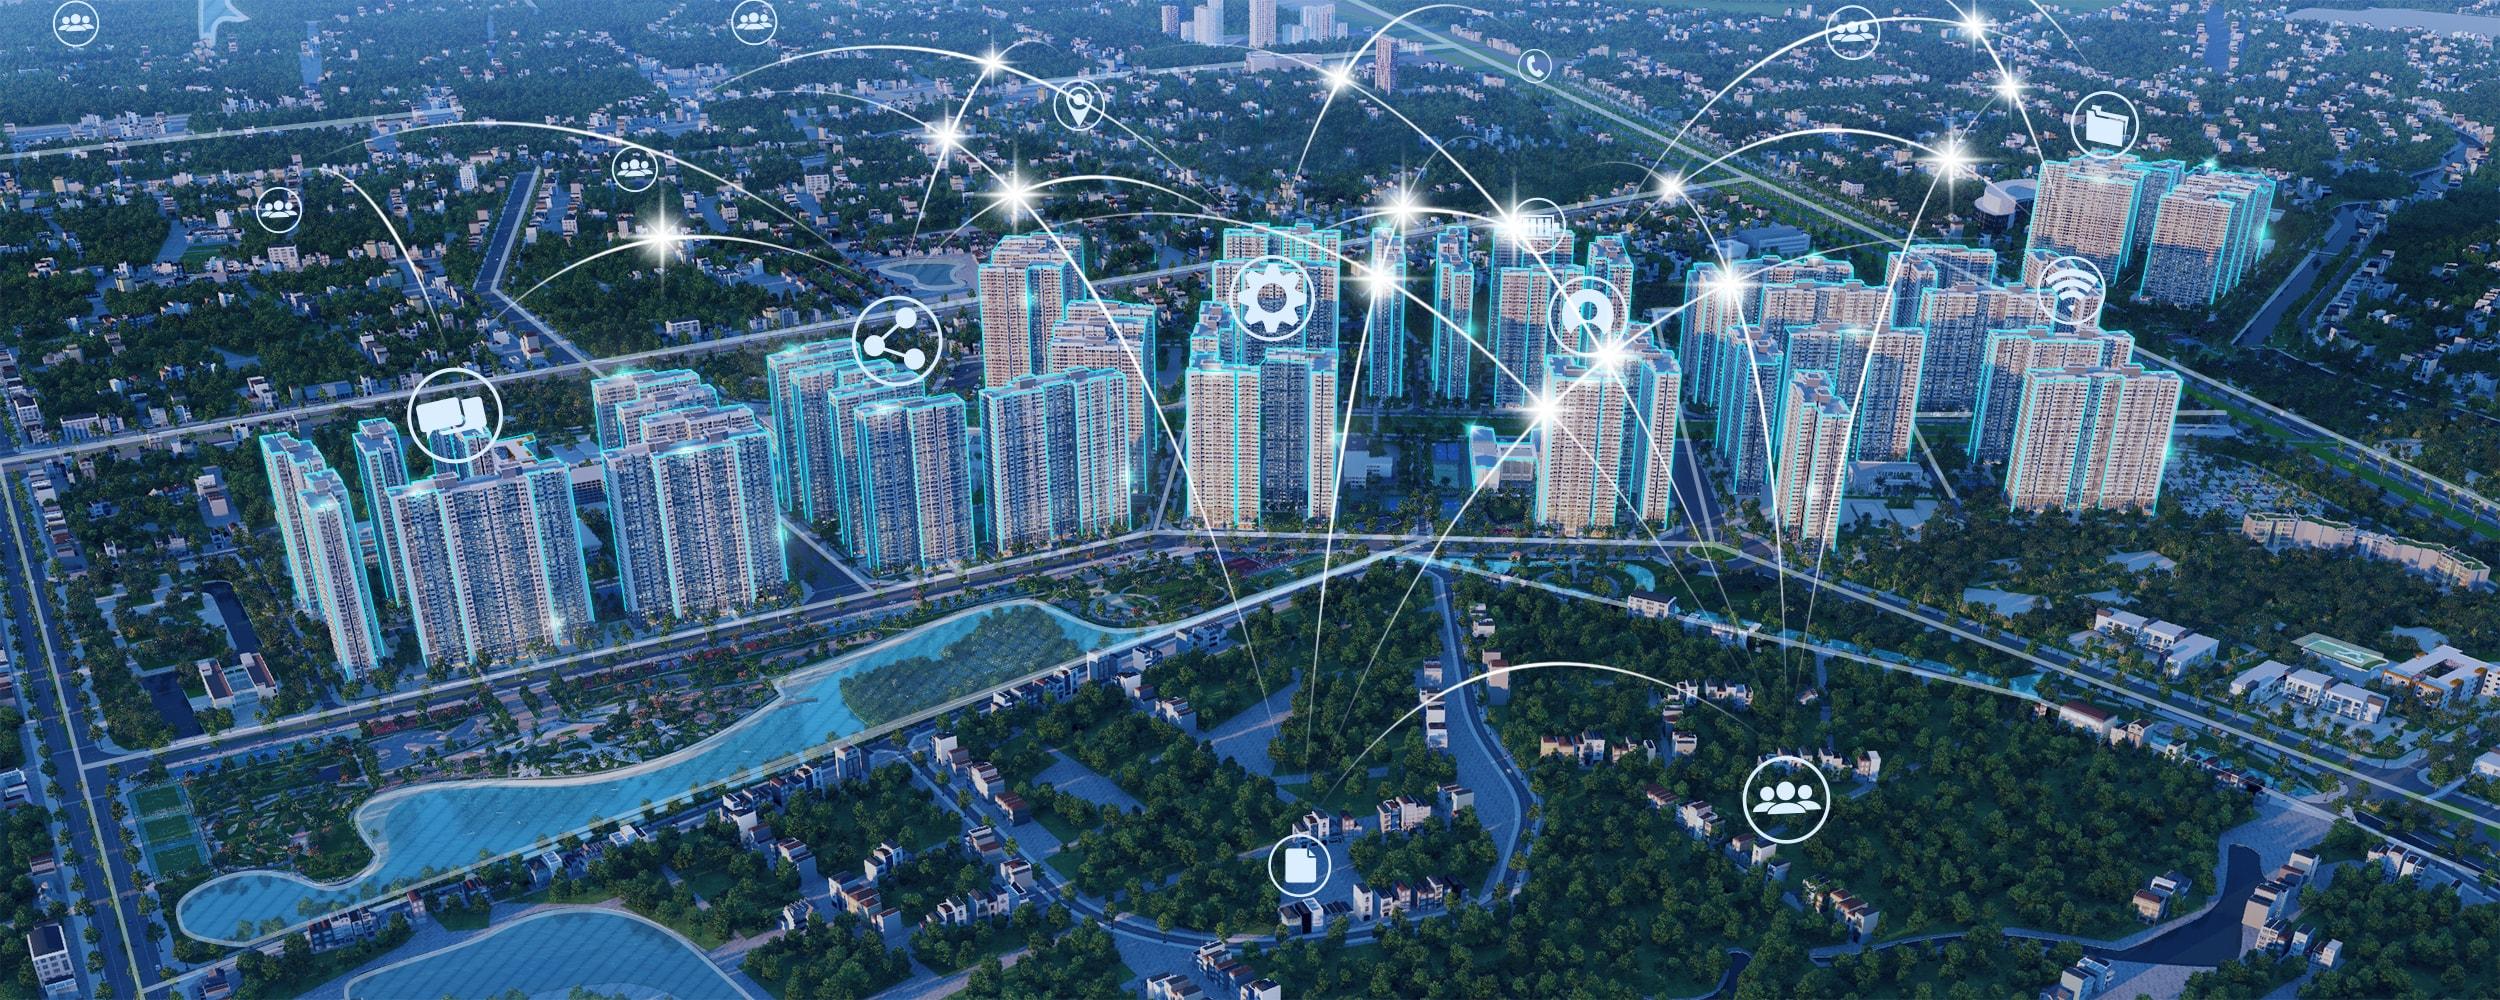 Khu đô thị Vinhomes Smart City Tây Mỗ Đại Mỗ